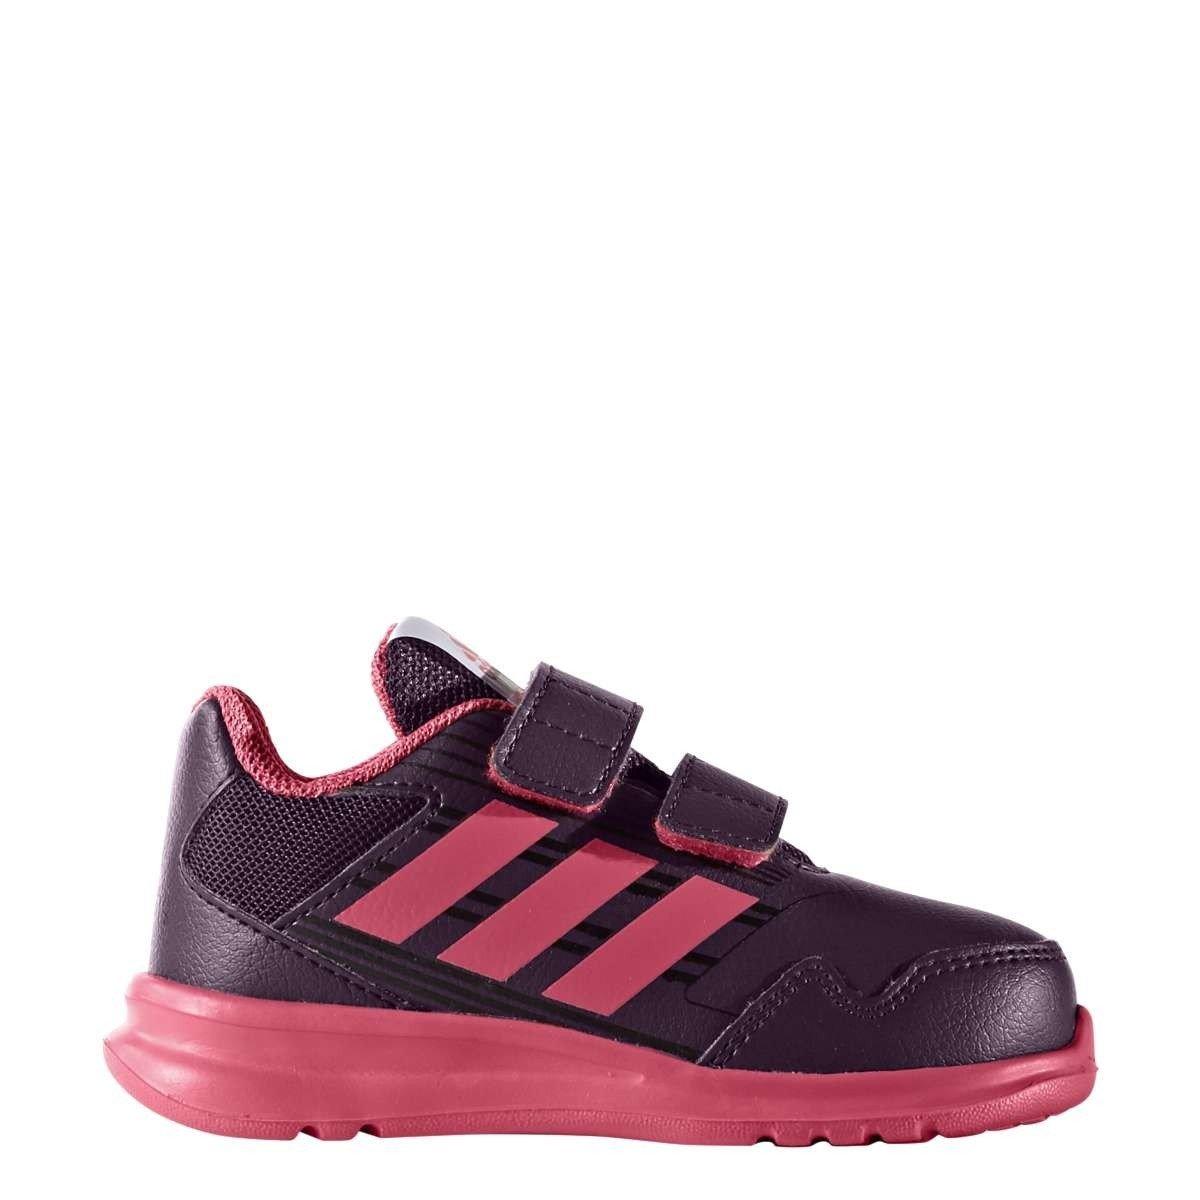 brand new 38e11 b41d4 adidas Altarun CF I, Chaussons Bas Mixte bébé